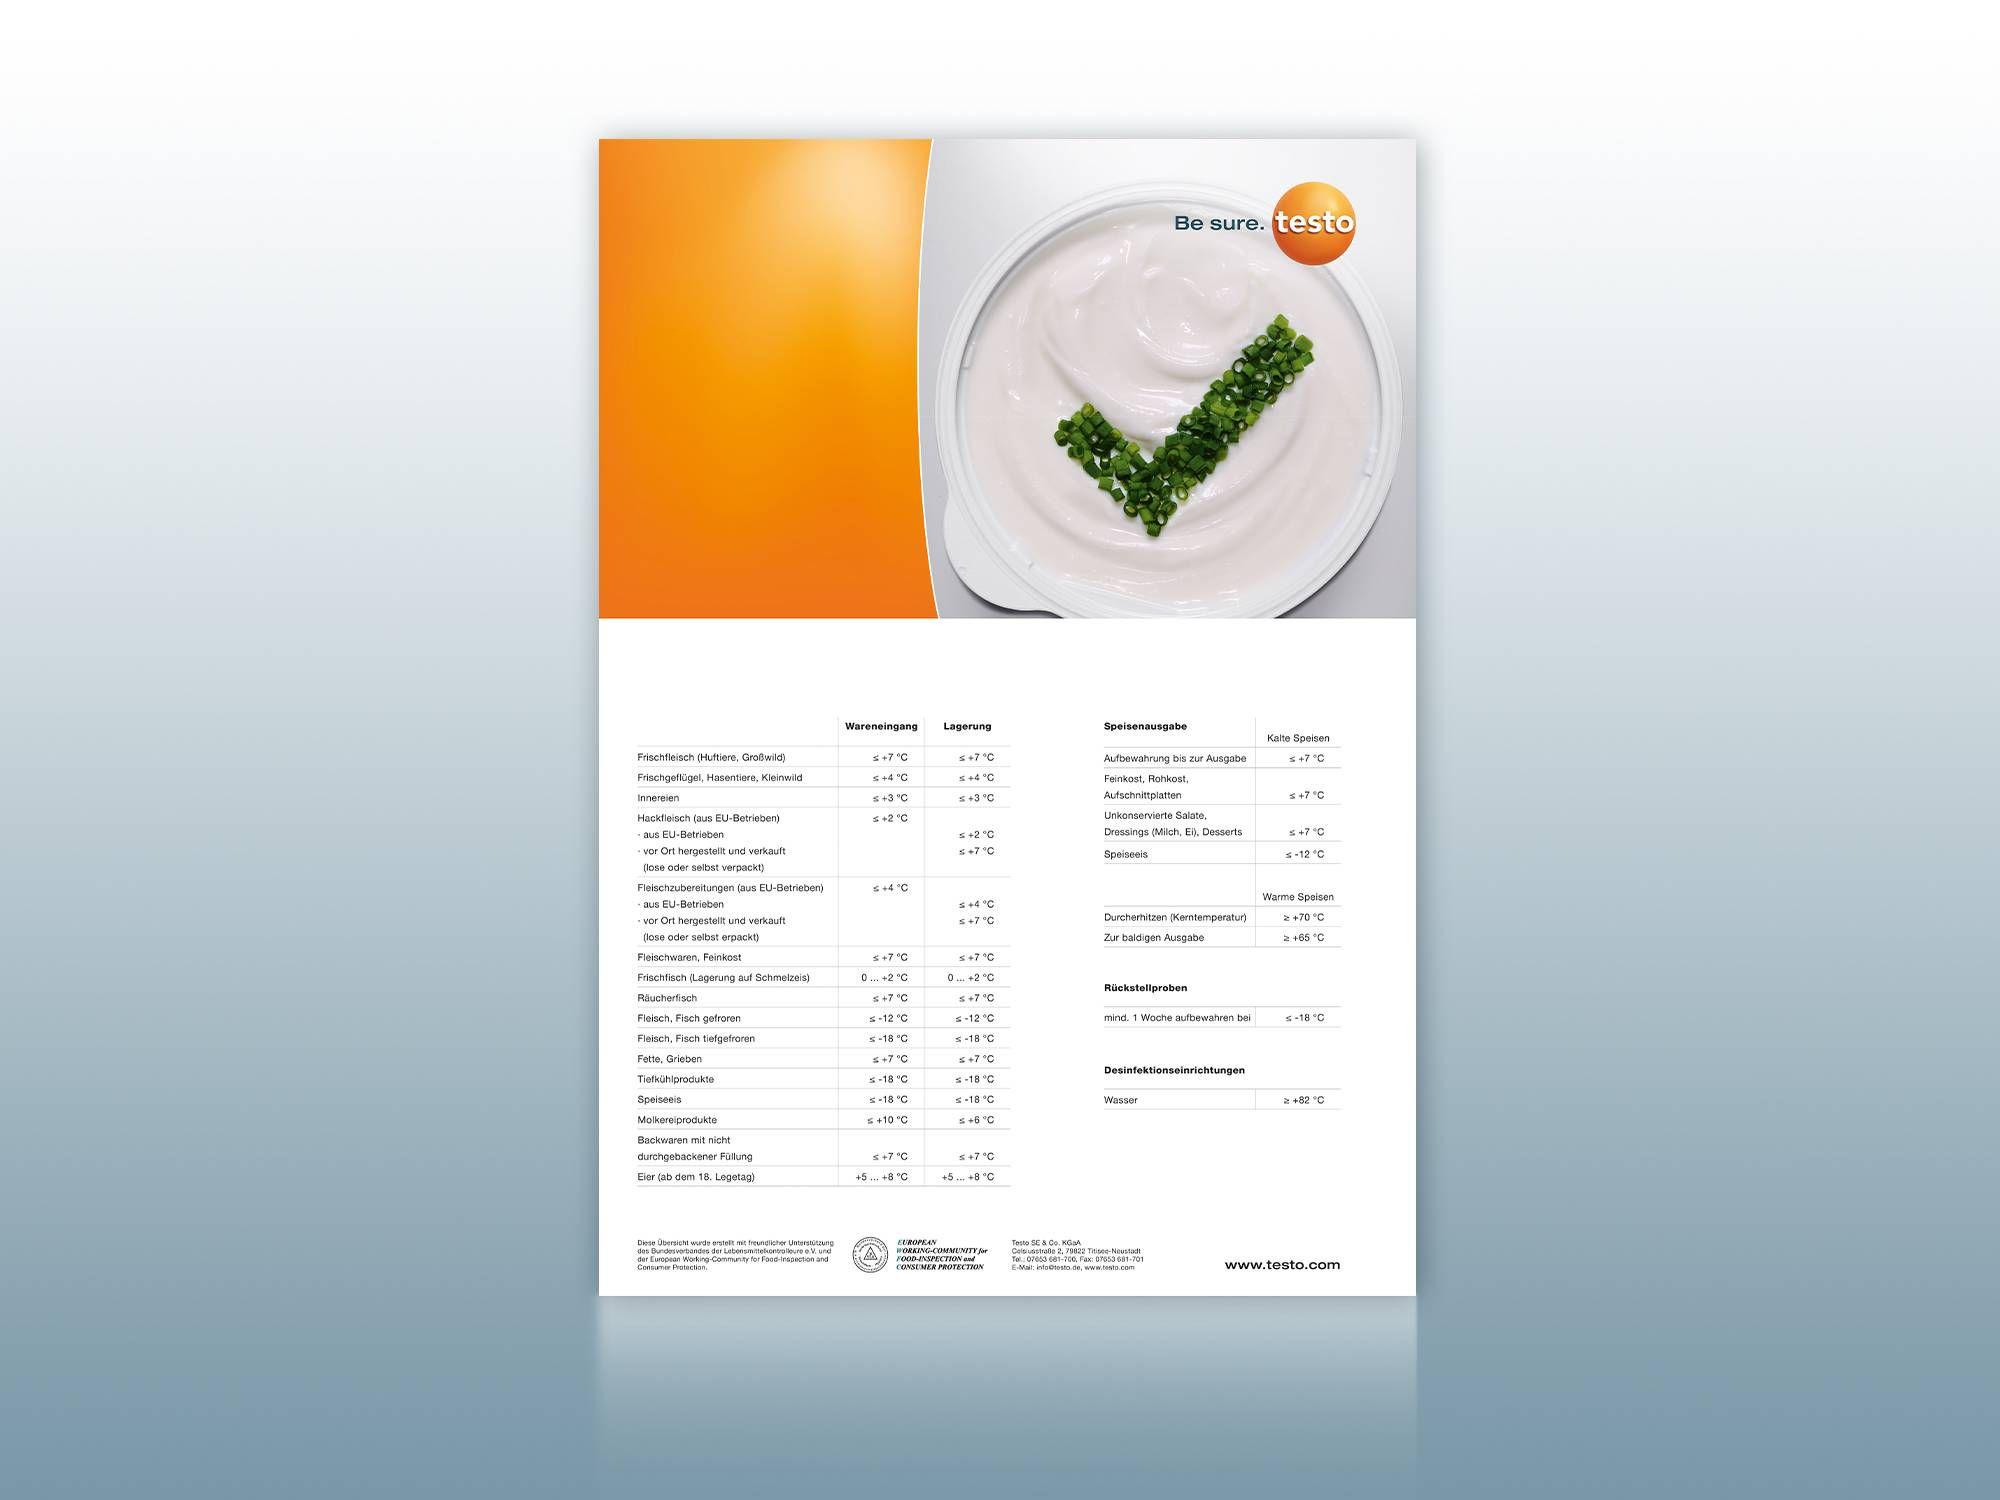 Alle HACCP Temperaturgrenzwerte auf einen übersichtlichen Poster